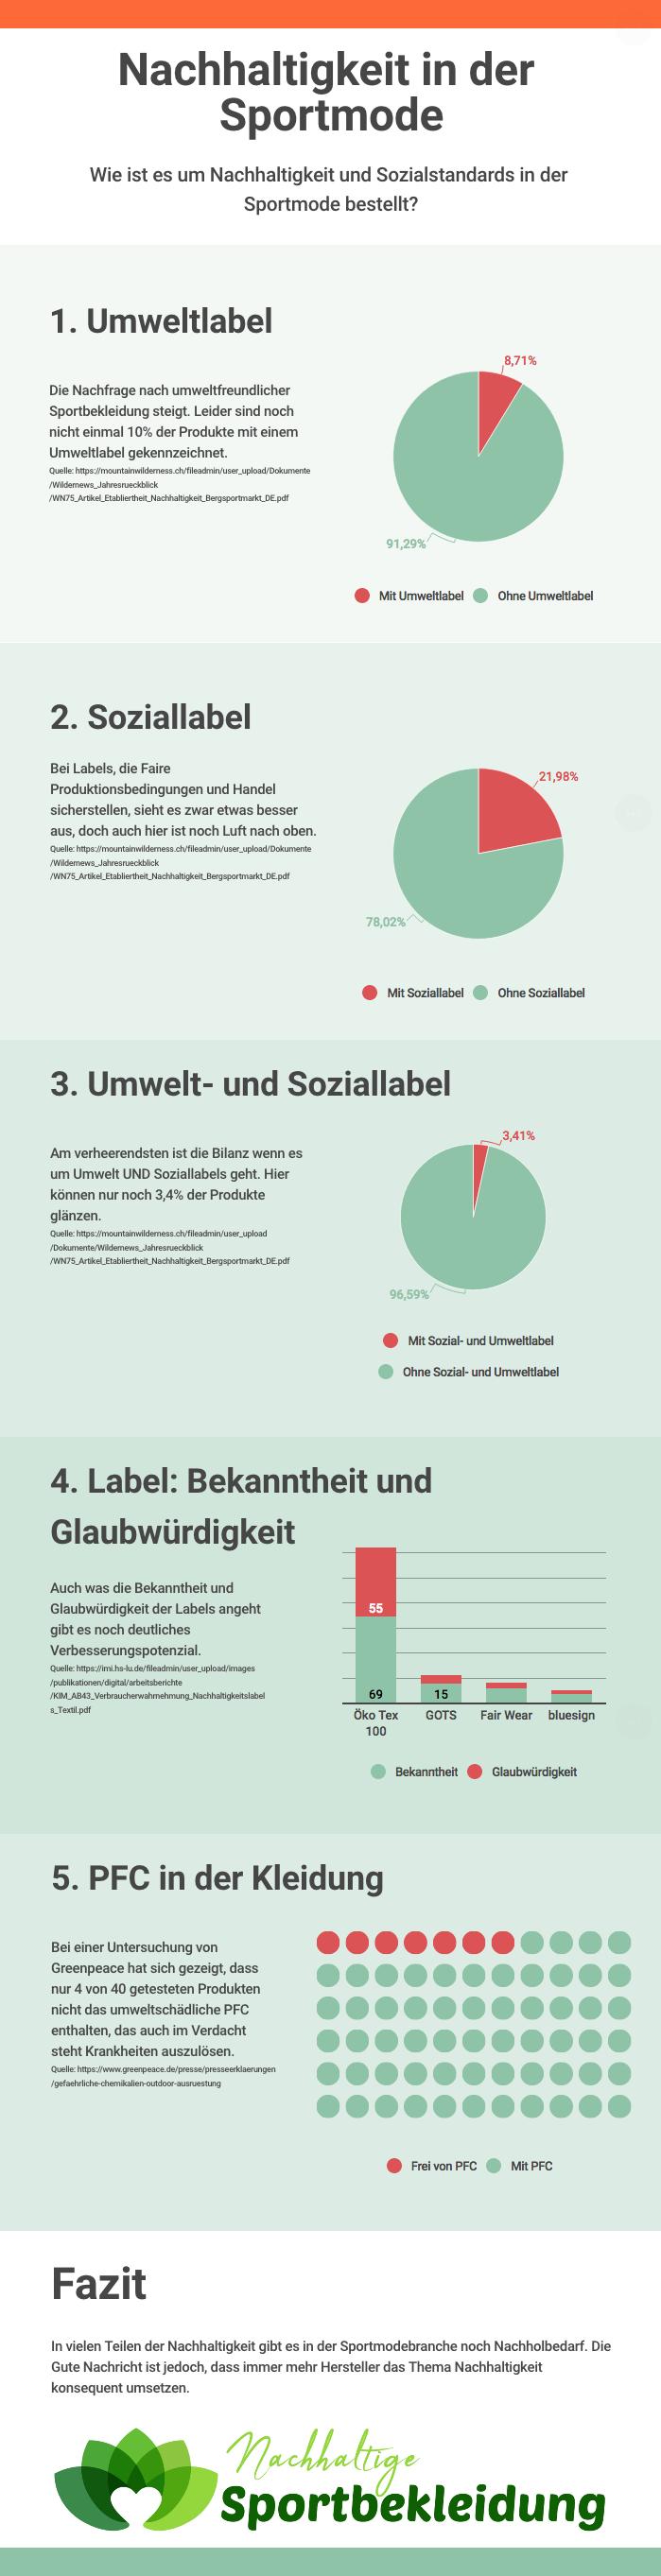 Infografik zum Thema Nachhaltigkeit in der Sportmode